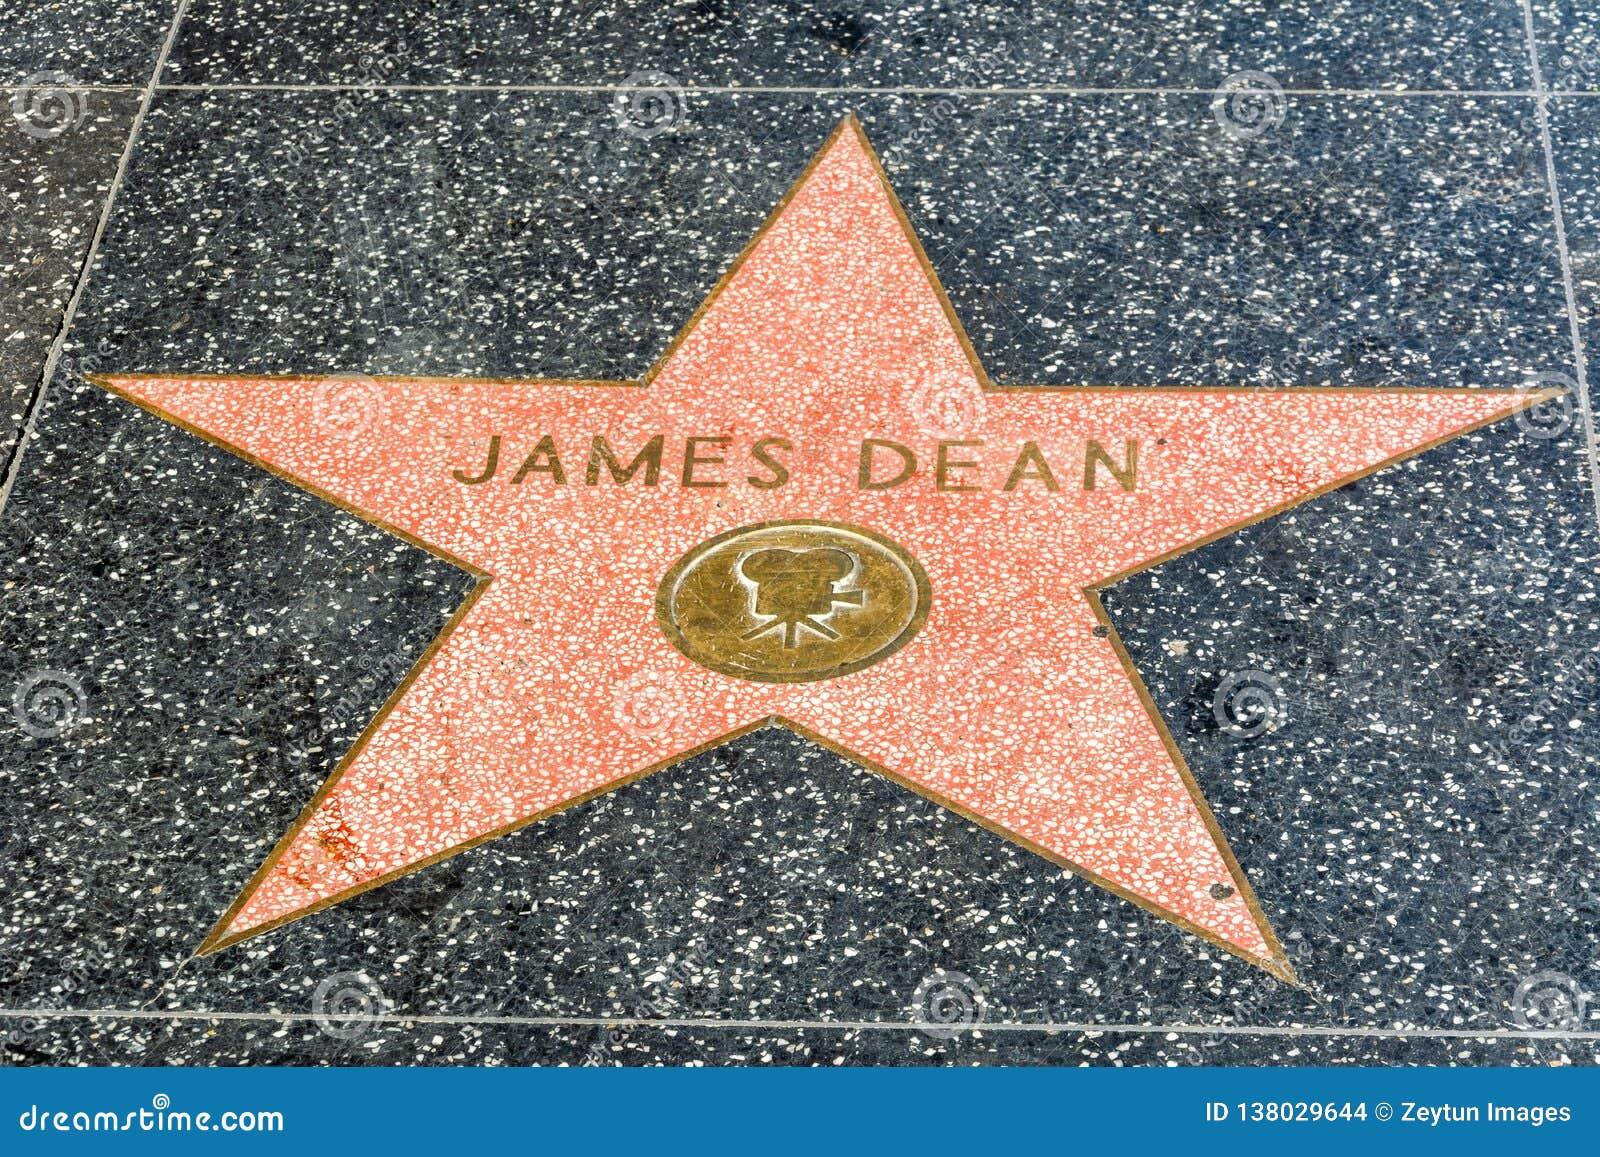 Estrela de James Dean na caminhada de Hollywood da fama em Los Angeles, CA